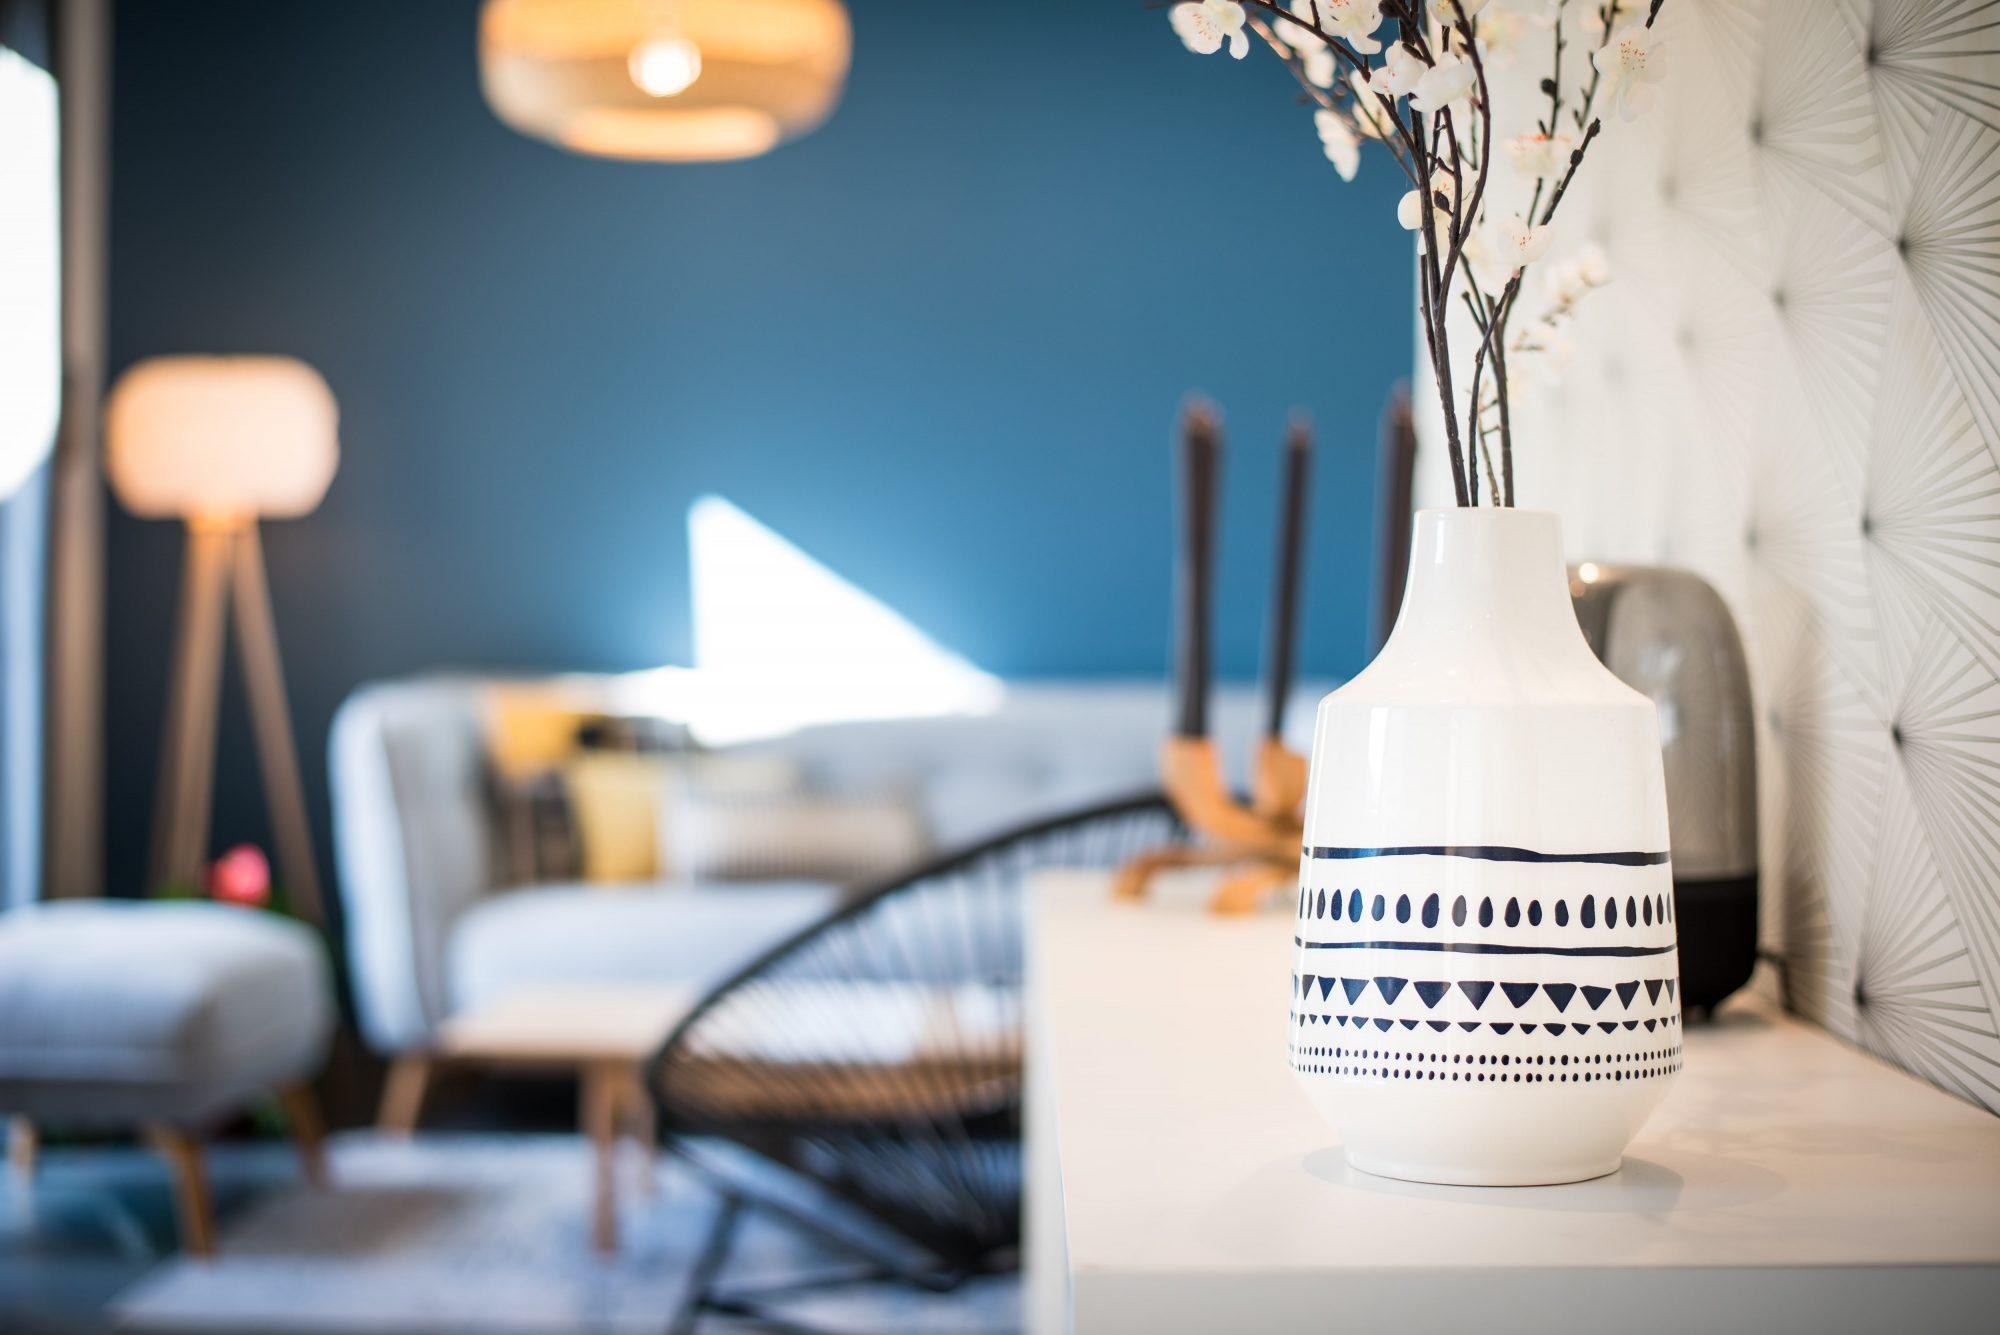 Nouveau look pour une villa gardoise, Les Angles, par Kty.L Décoratrice UFDI Avignon et Nîmes 30 et 84) : zoom sur la déco, ici un vase noir et blanc